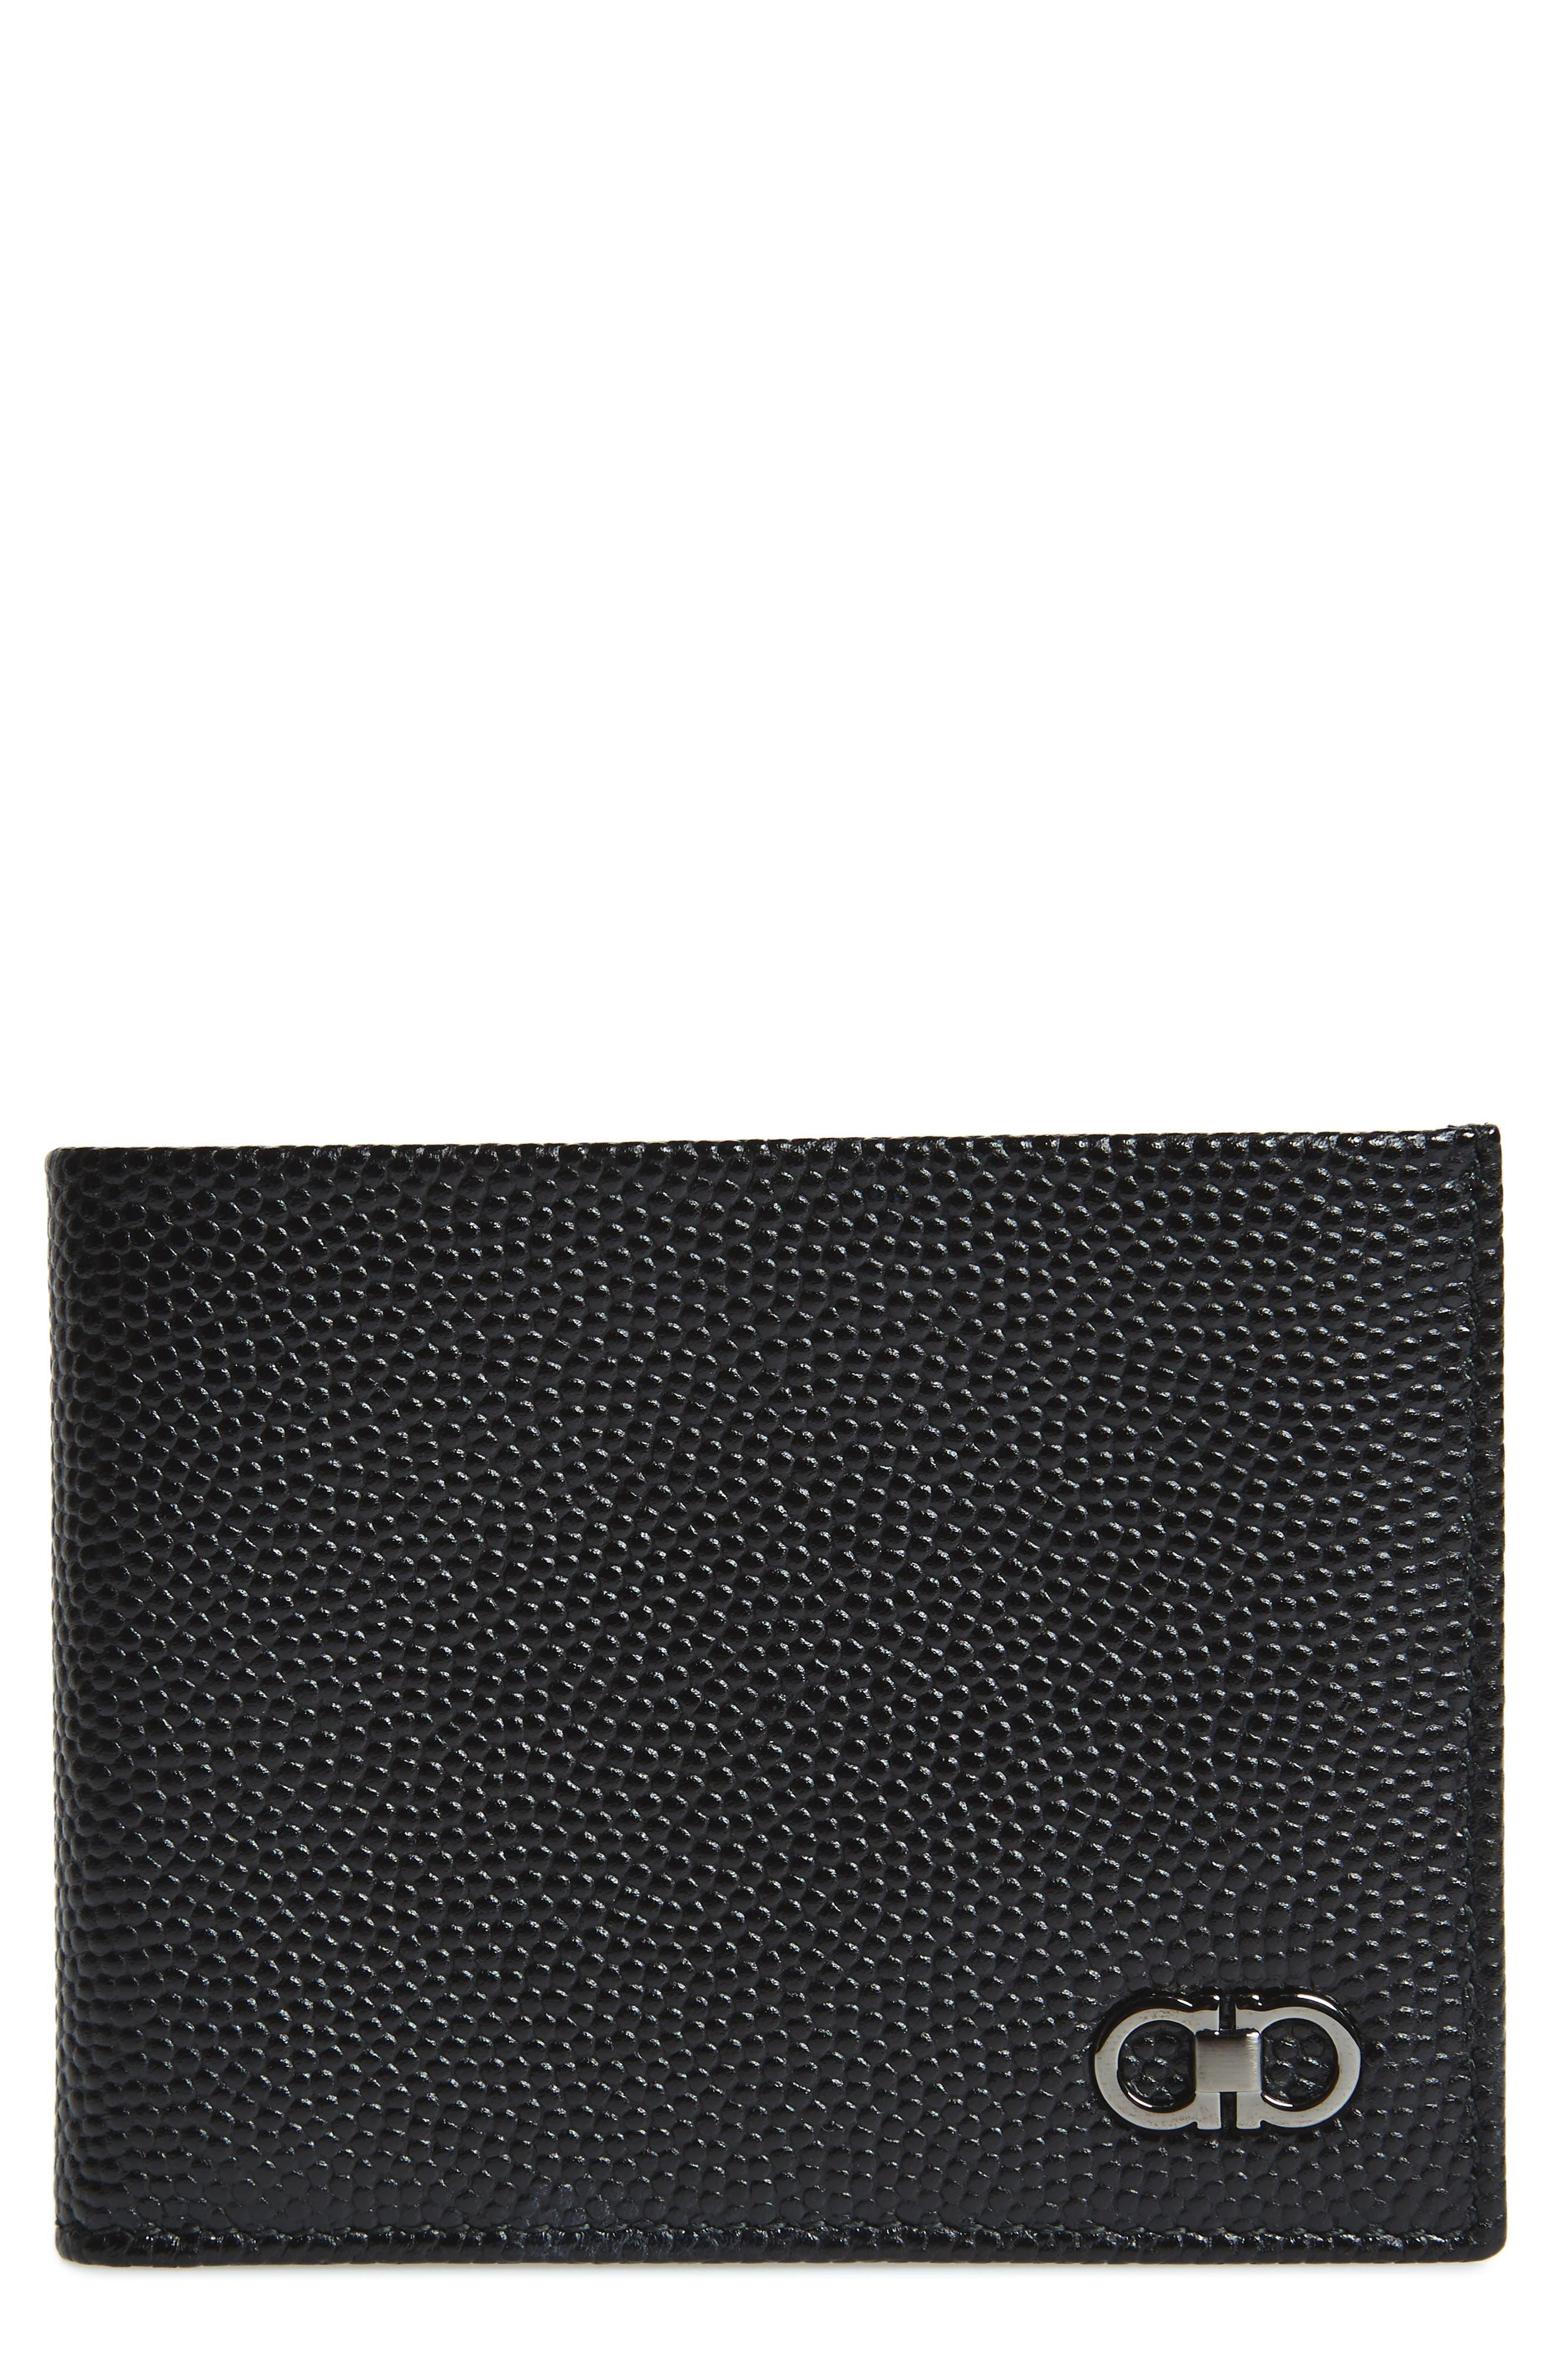 Salvatore Ferragamo Bifold Textured Leather Wallet